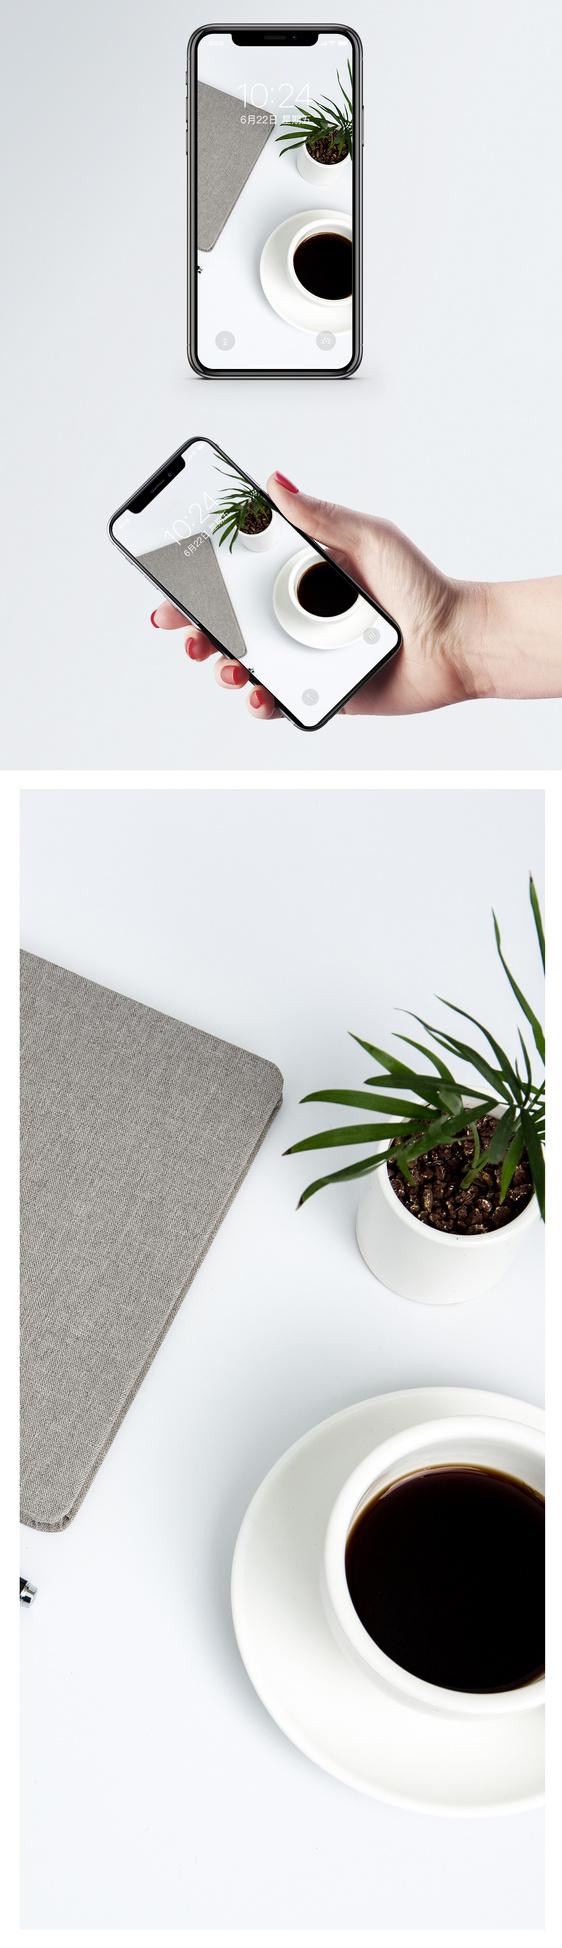 Bilder Zum Buro Desktop Telefon Wallpaper Download Hintergrunde